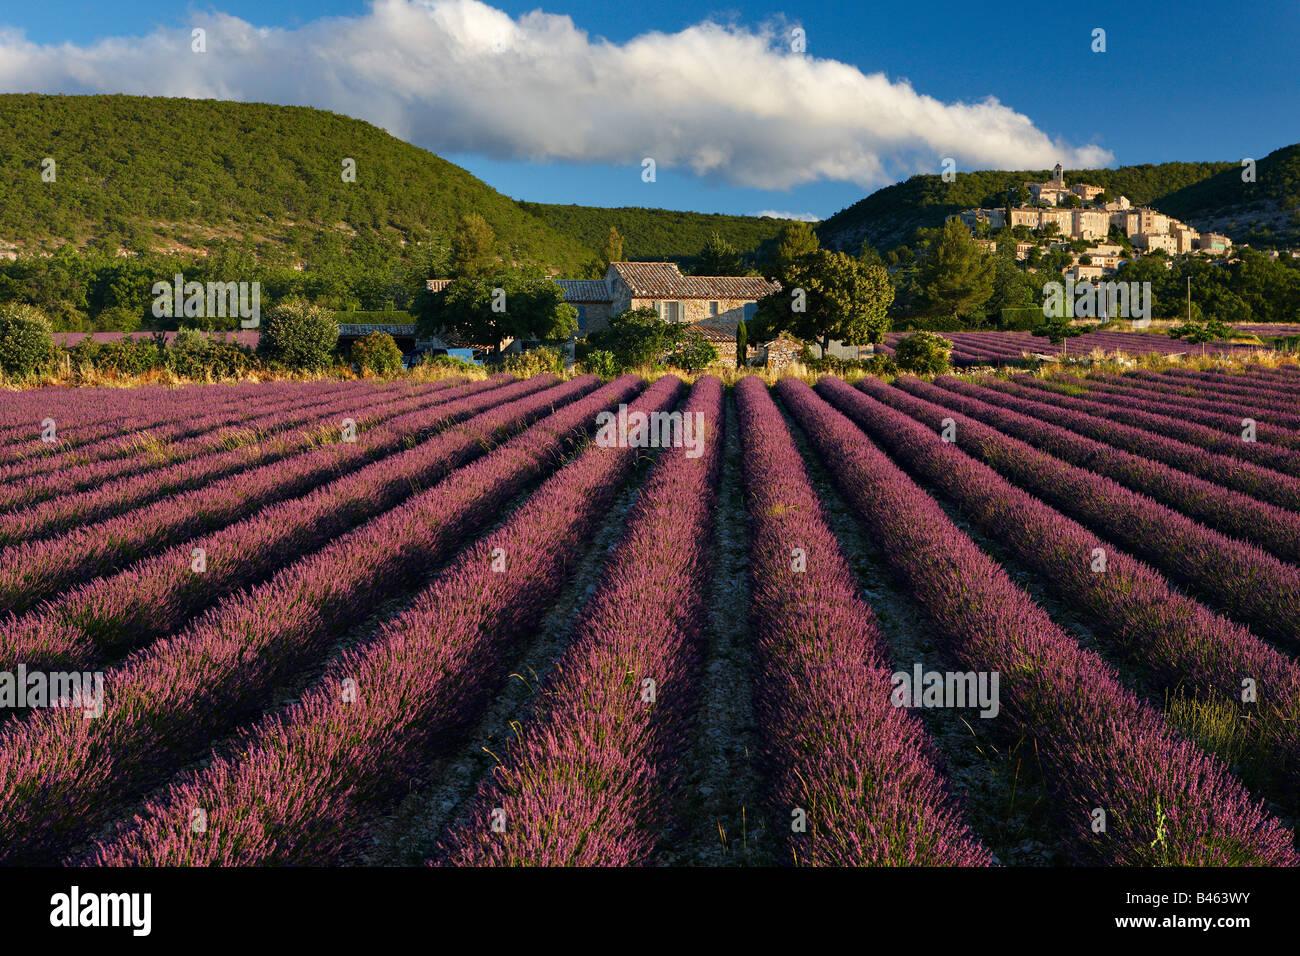 Un campo di lavanda con il villaggio di Banon oltre il Vaucluse Provence, Francia Immagini Stock